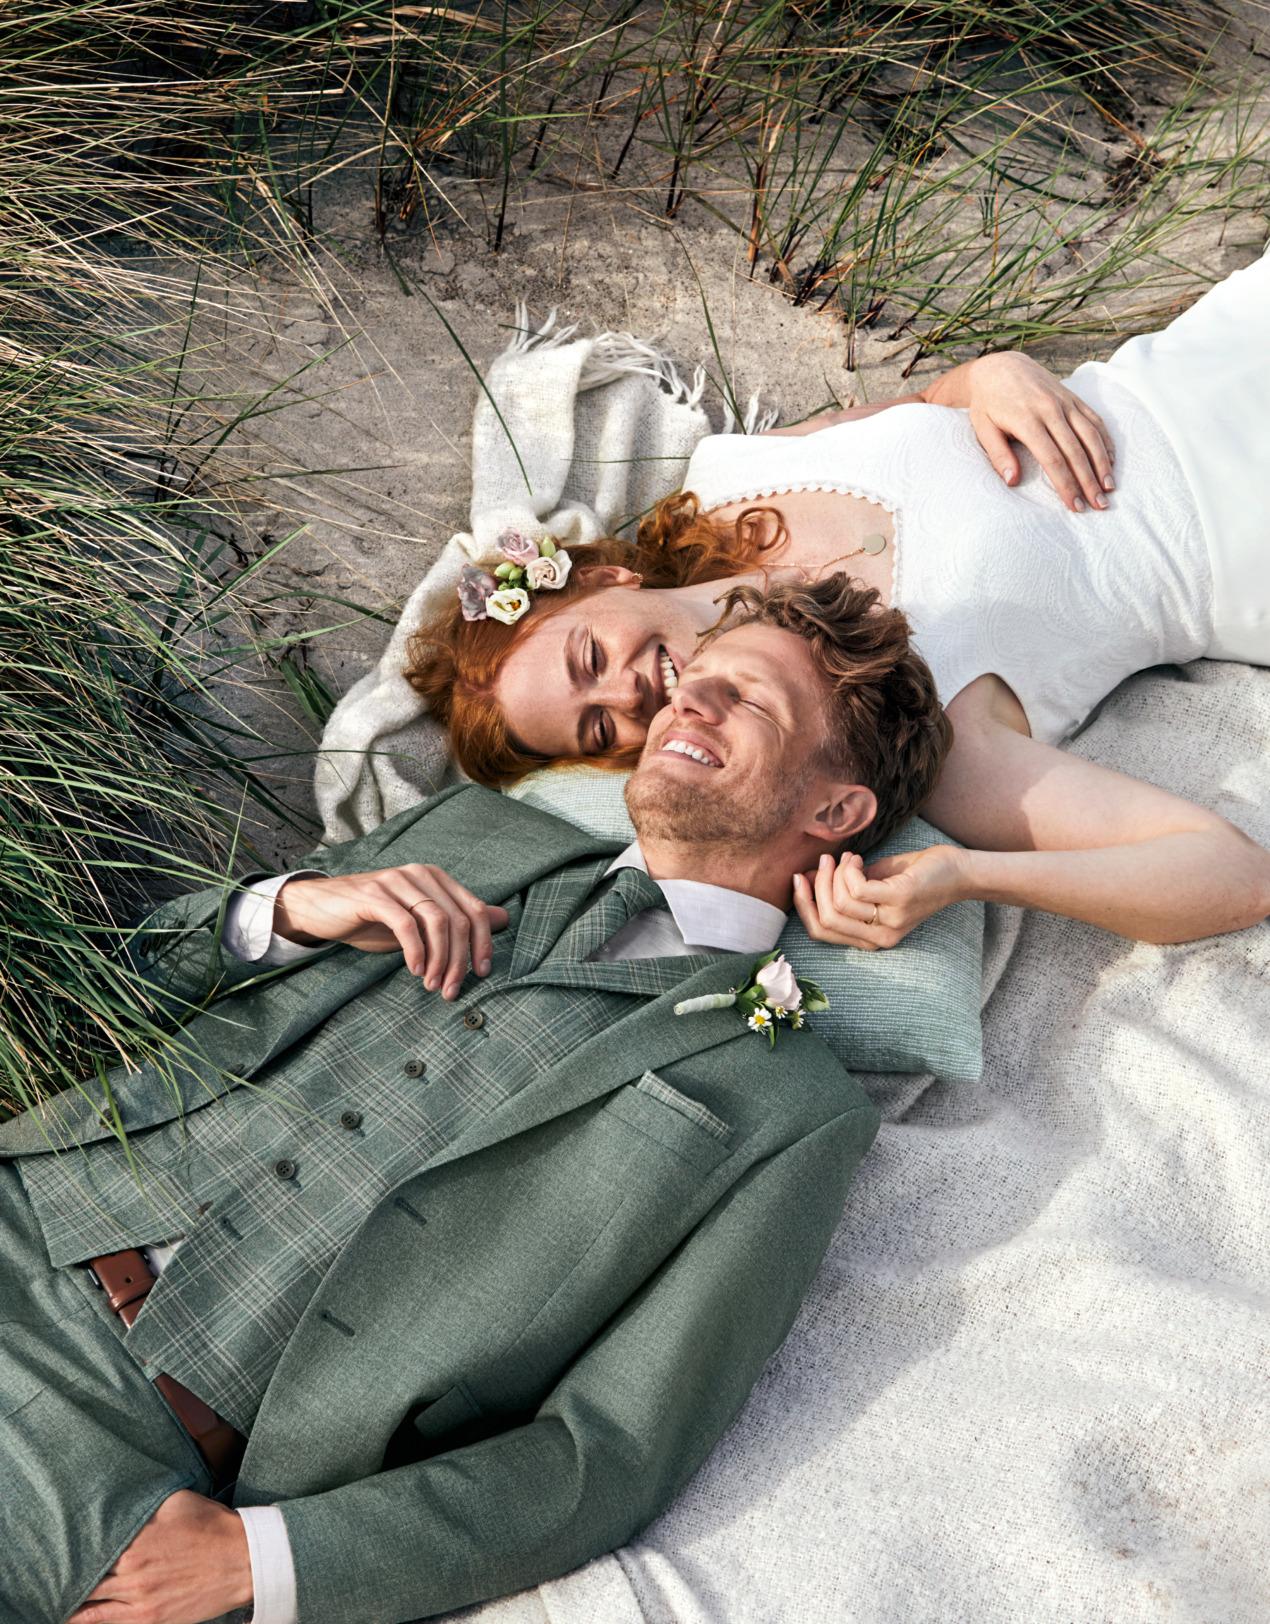 Wilvorst Green Wedding Hochzeitsanzug Männer Mode Bräutigam klassische Form vintage boho Stil grün wil_0121_kam_gw-Look1_1